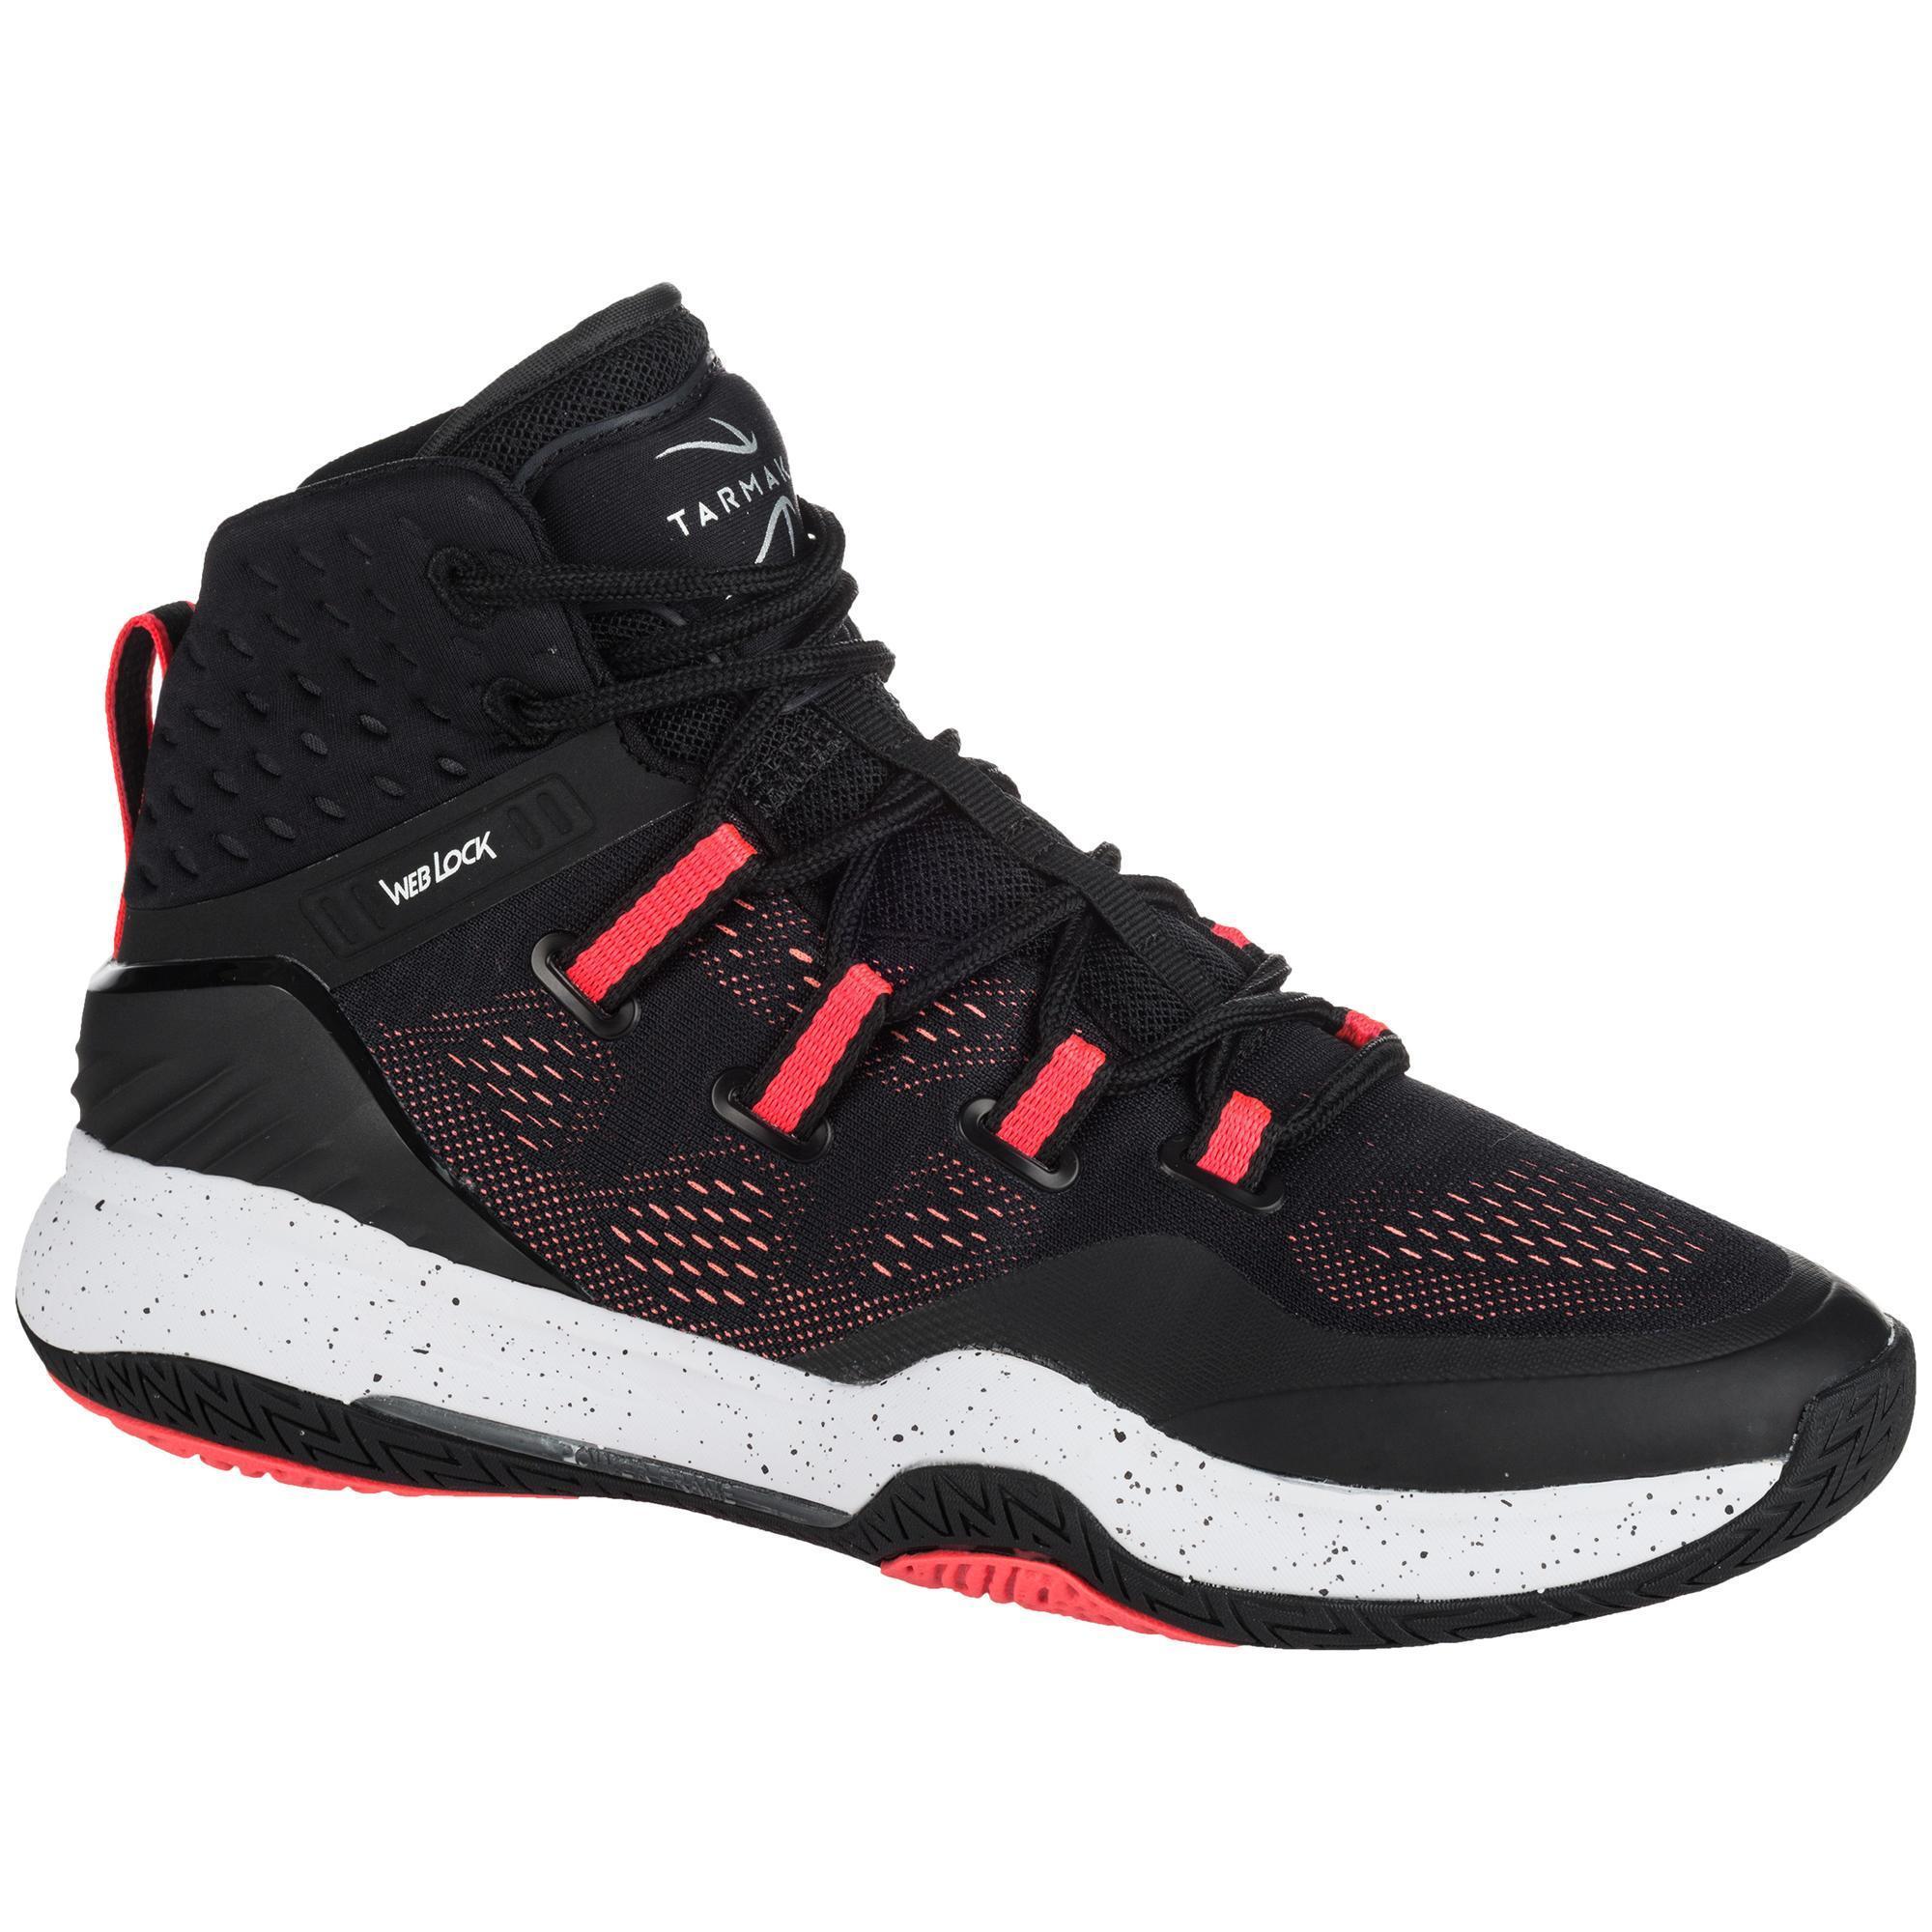 Tarmak Basketbalschoenen voor dames SC500 High